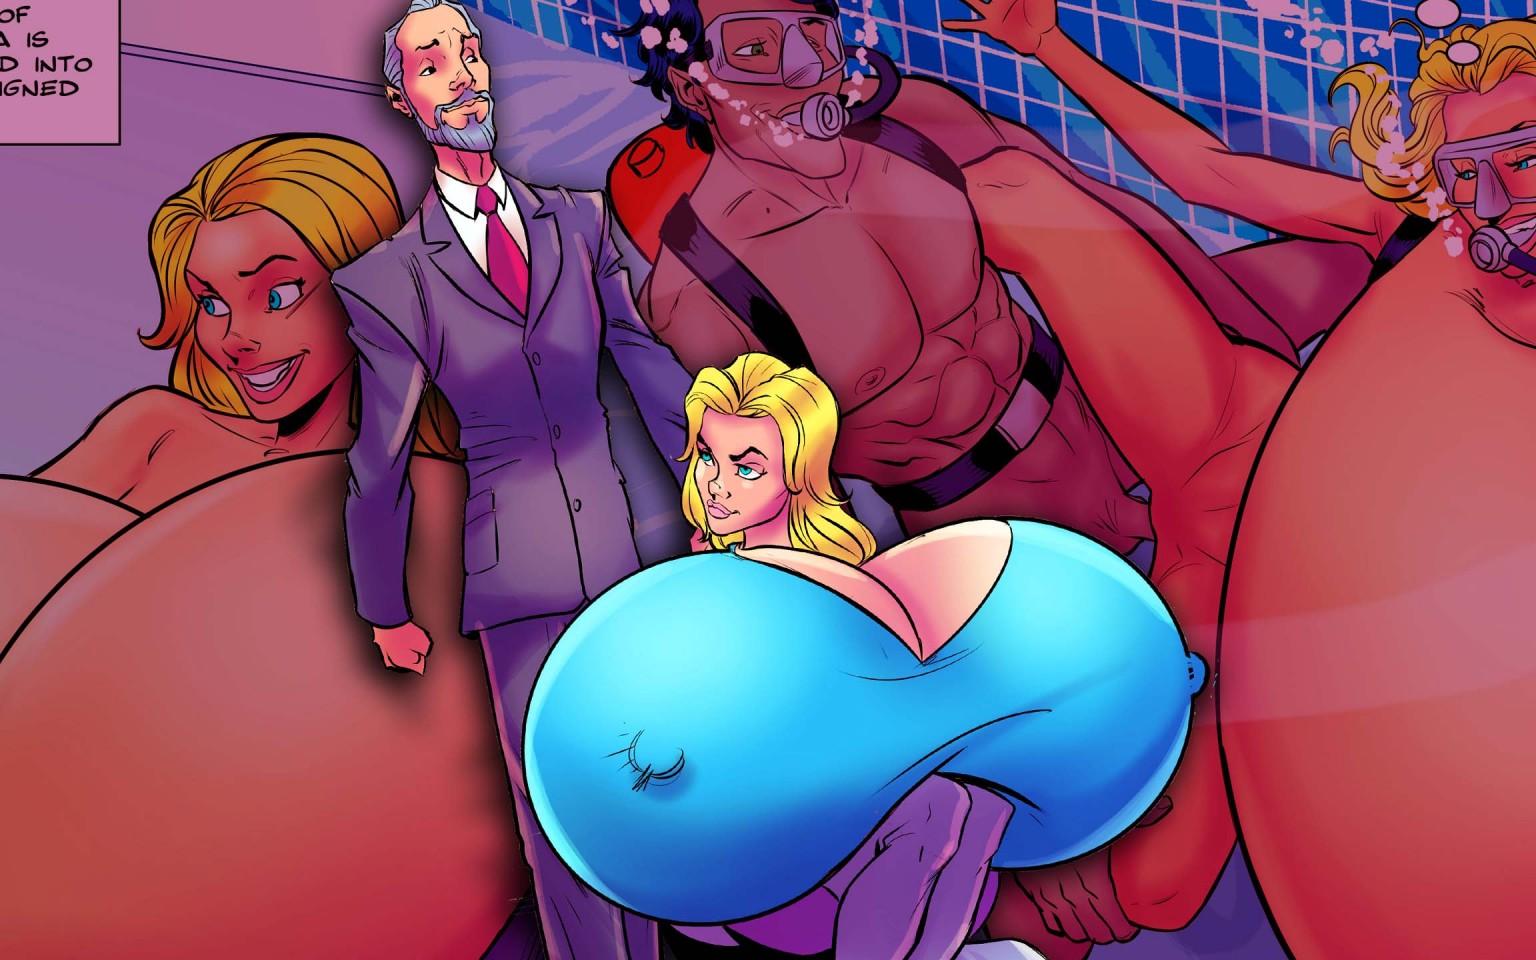 naked masiela lusha sex story